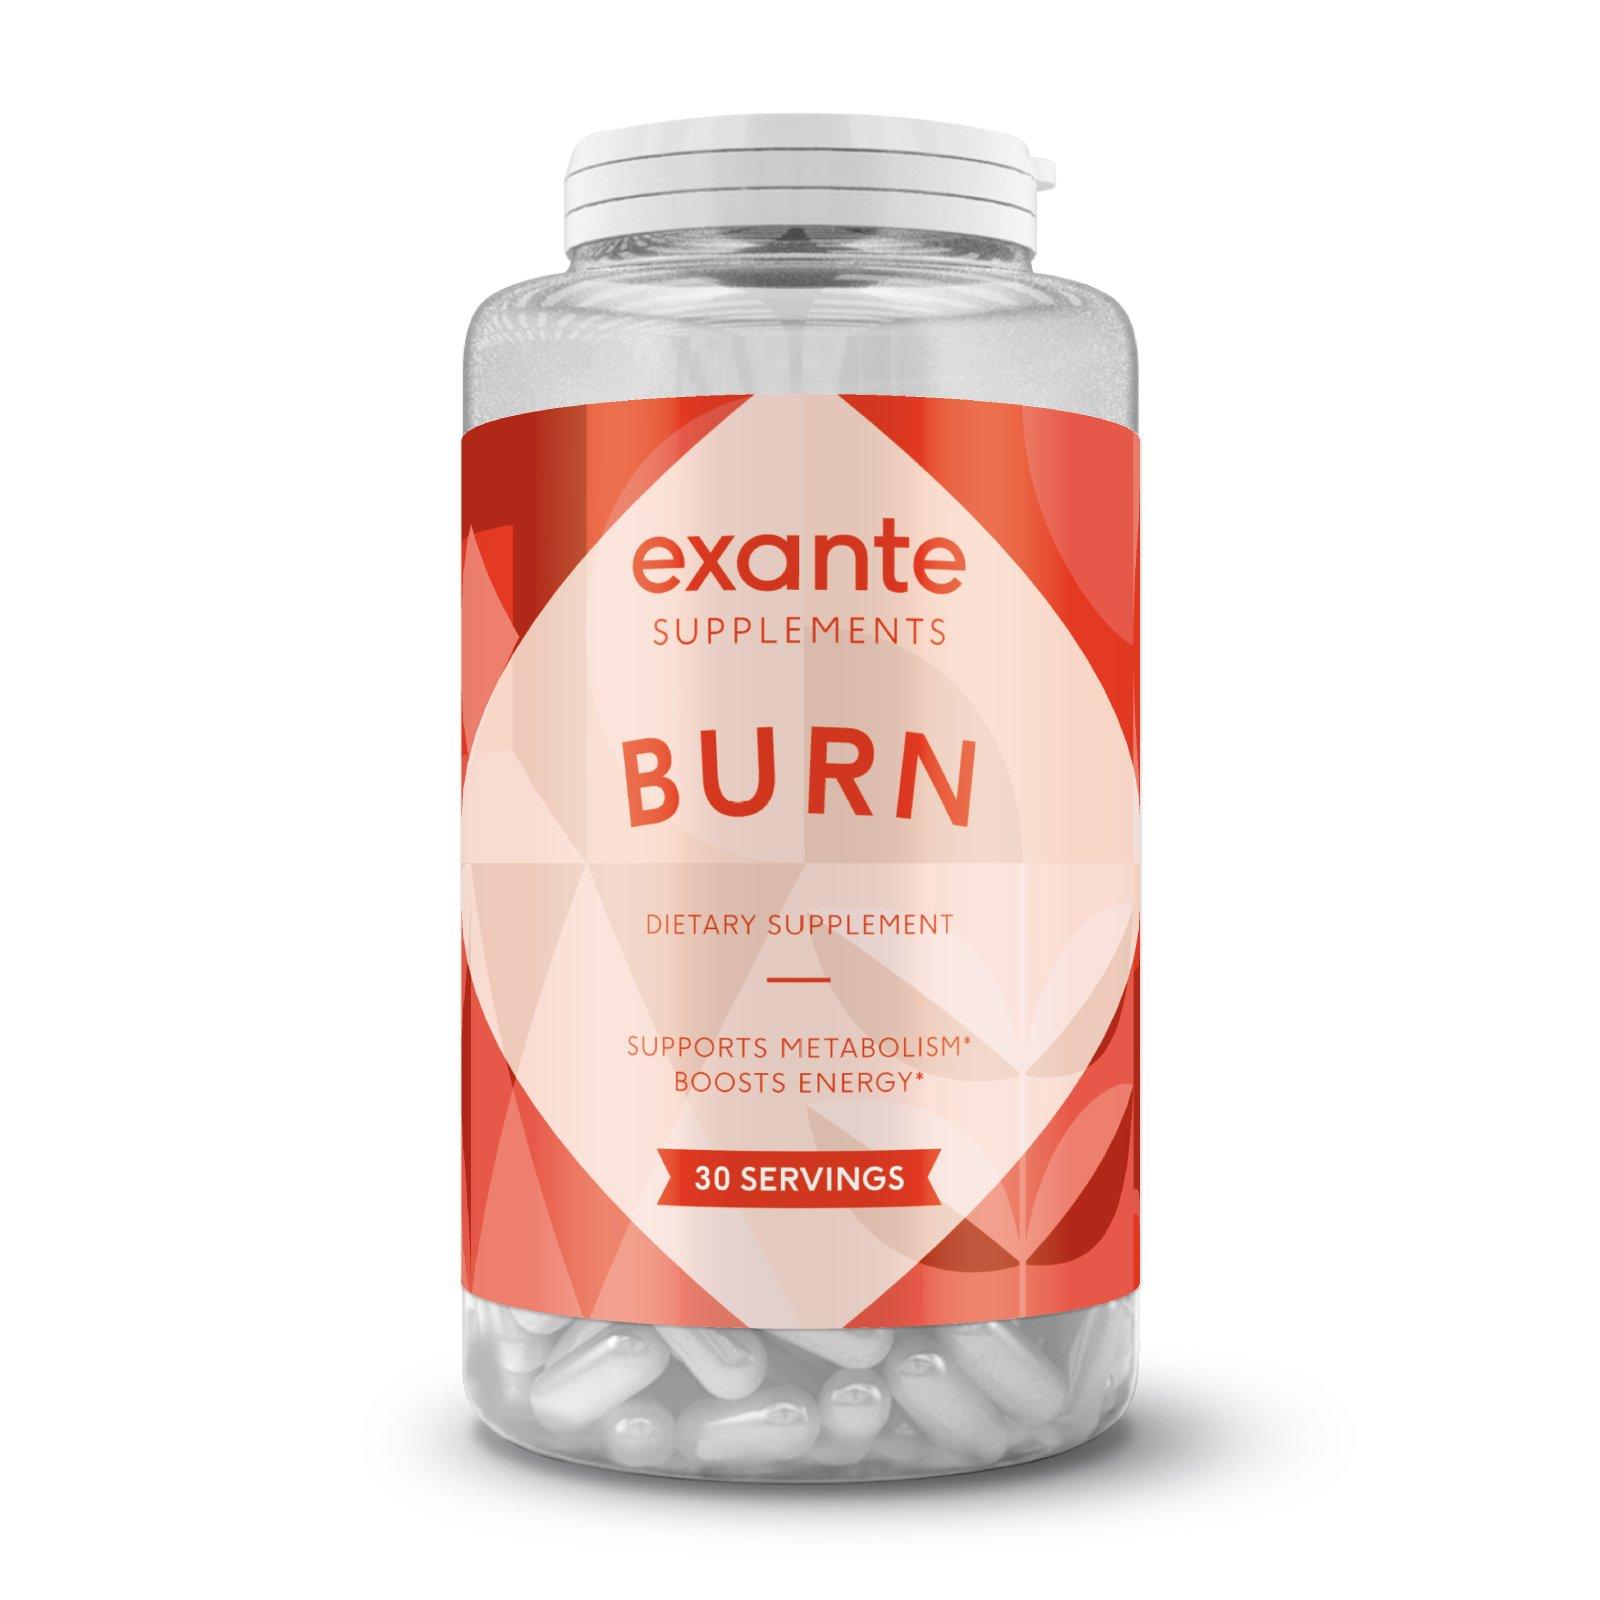 exante Burn